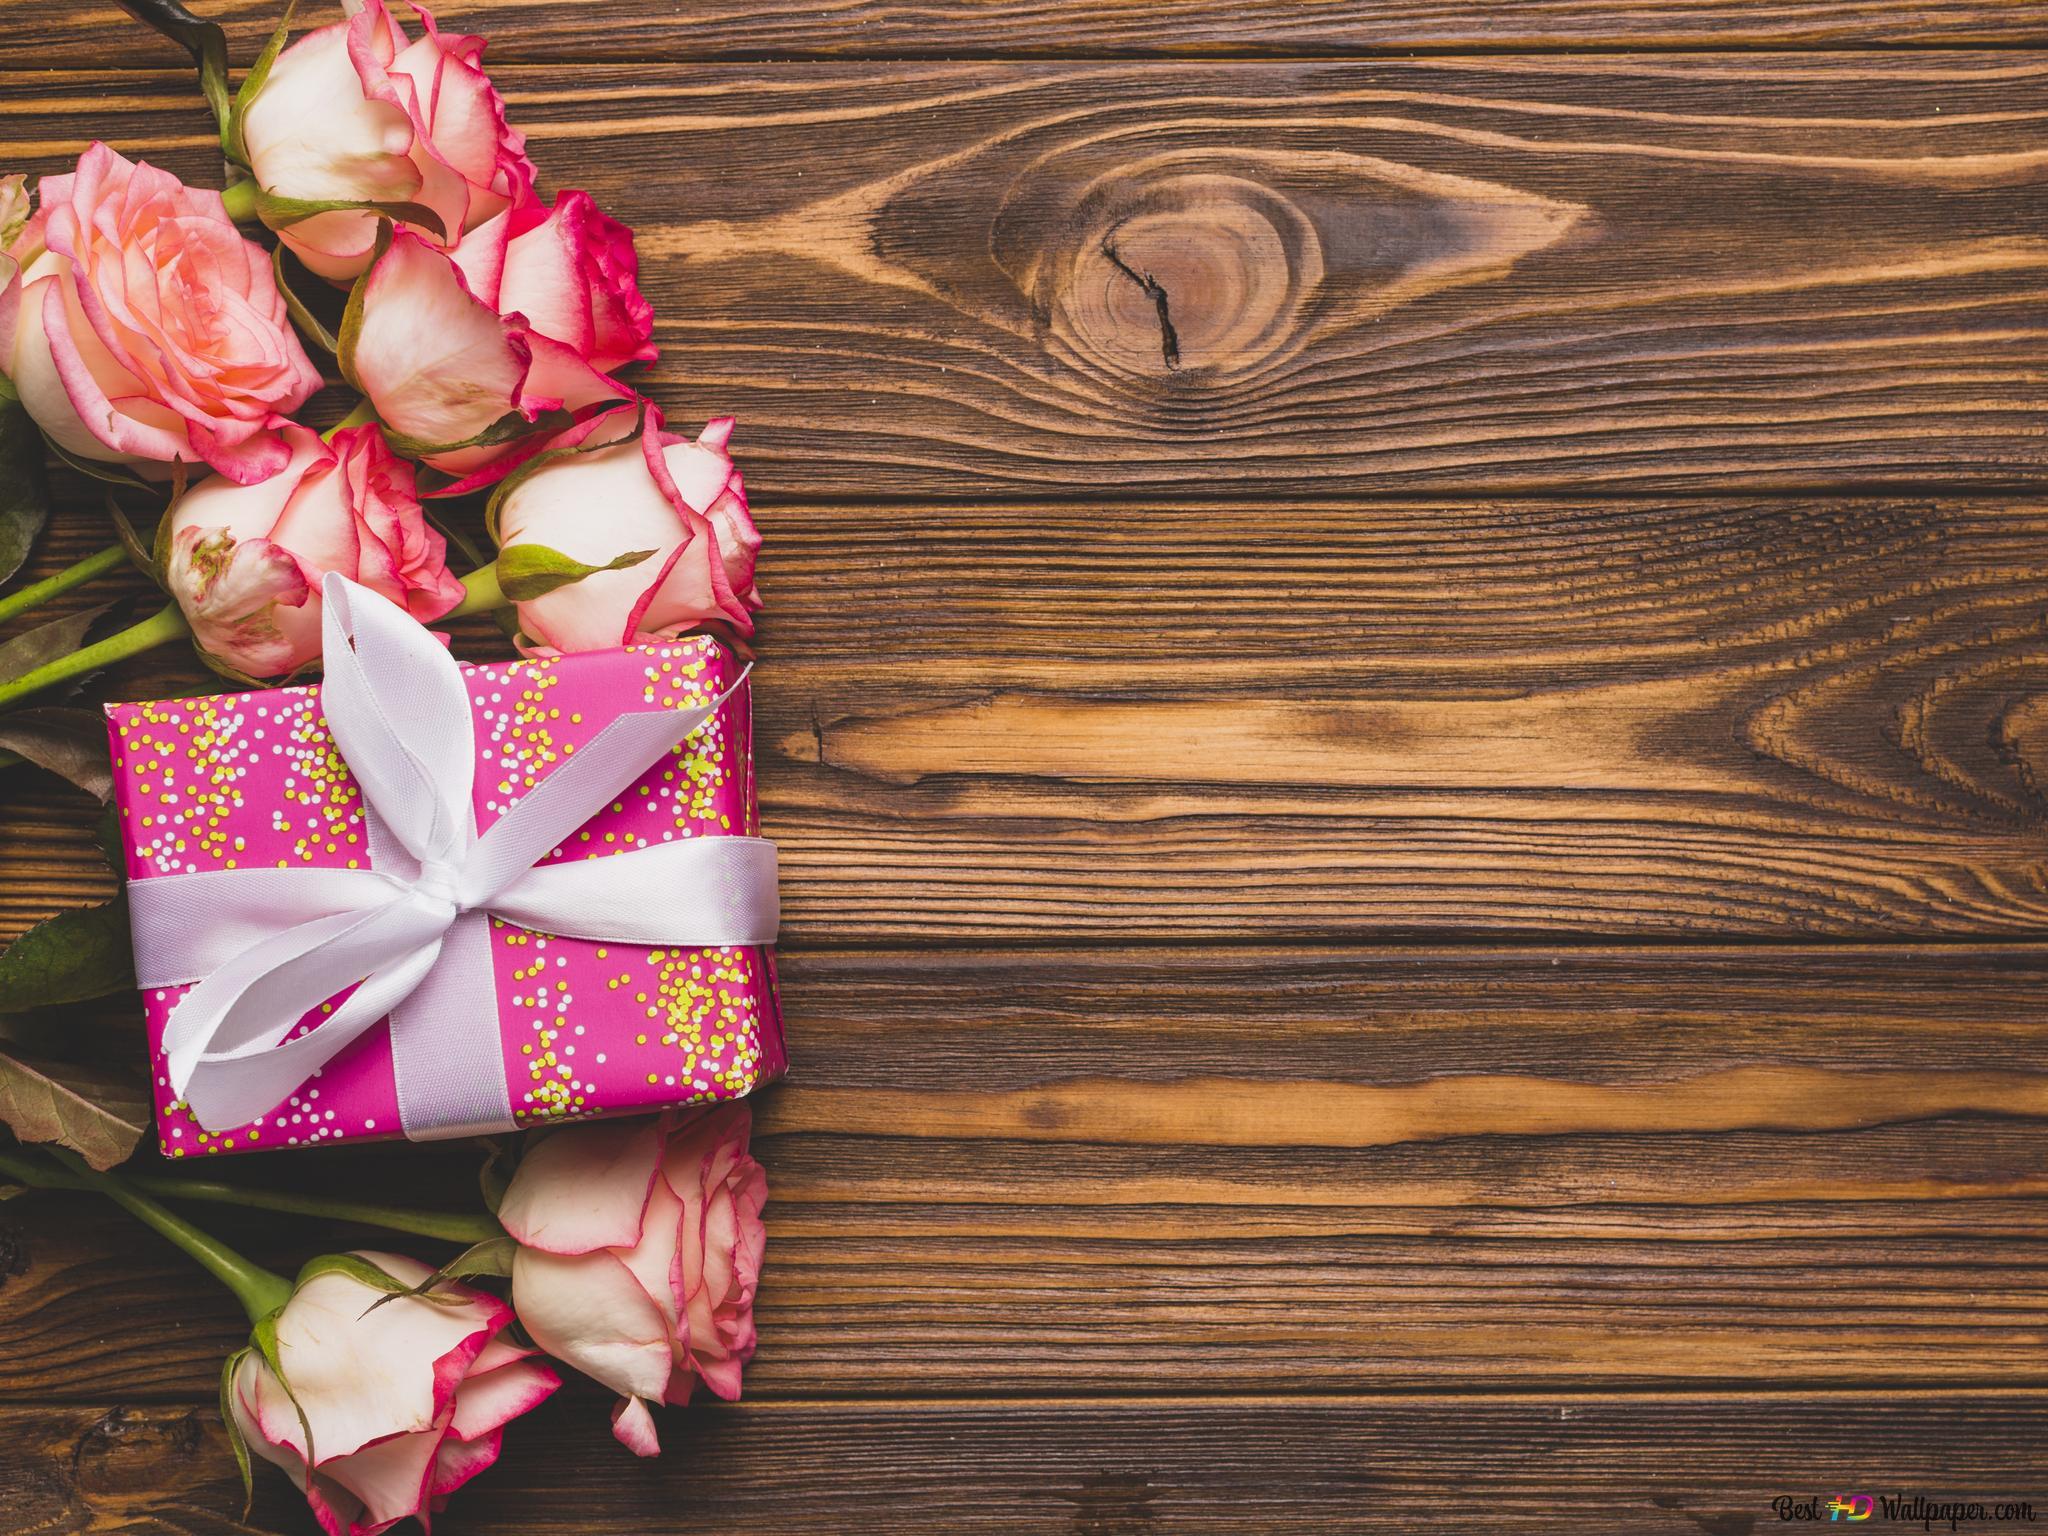 Descargar Fondo De Pantalla Día De San Valentín Rosas Blancas Y